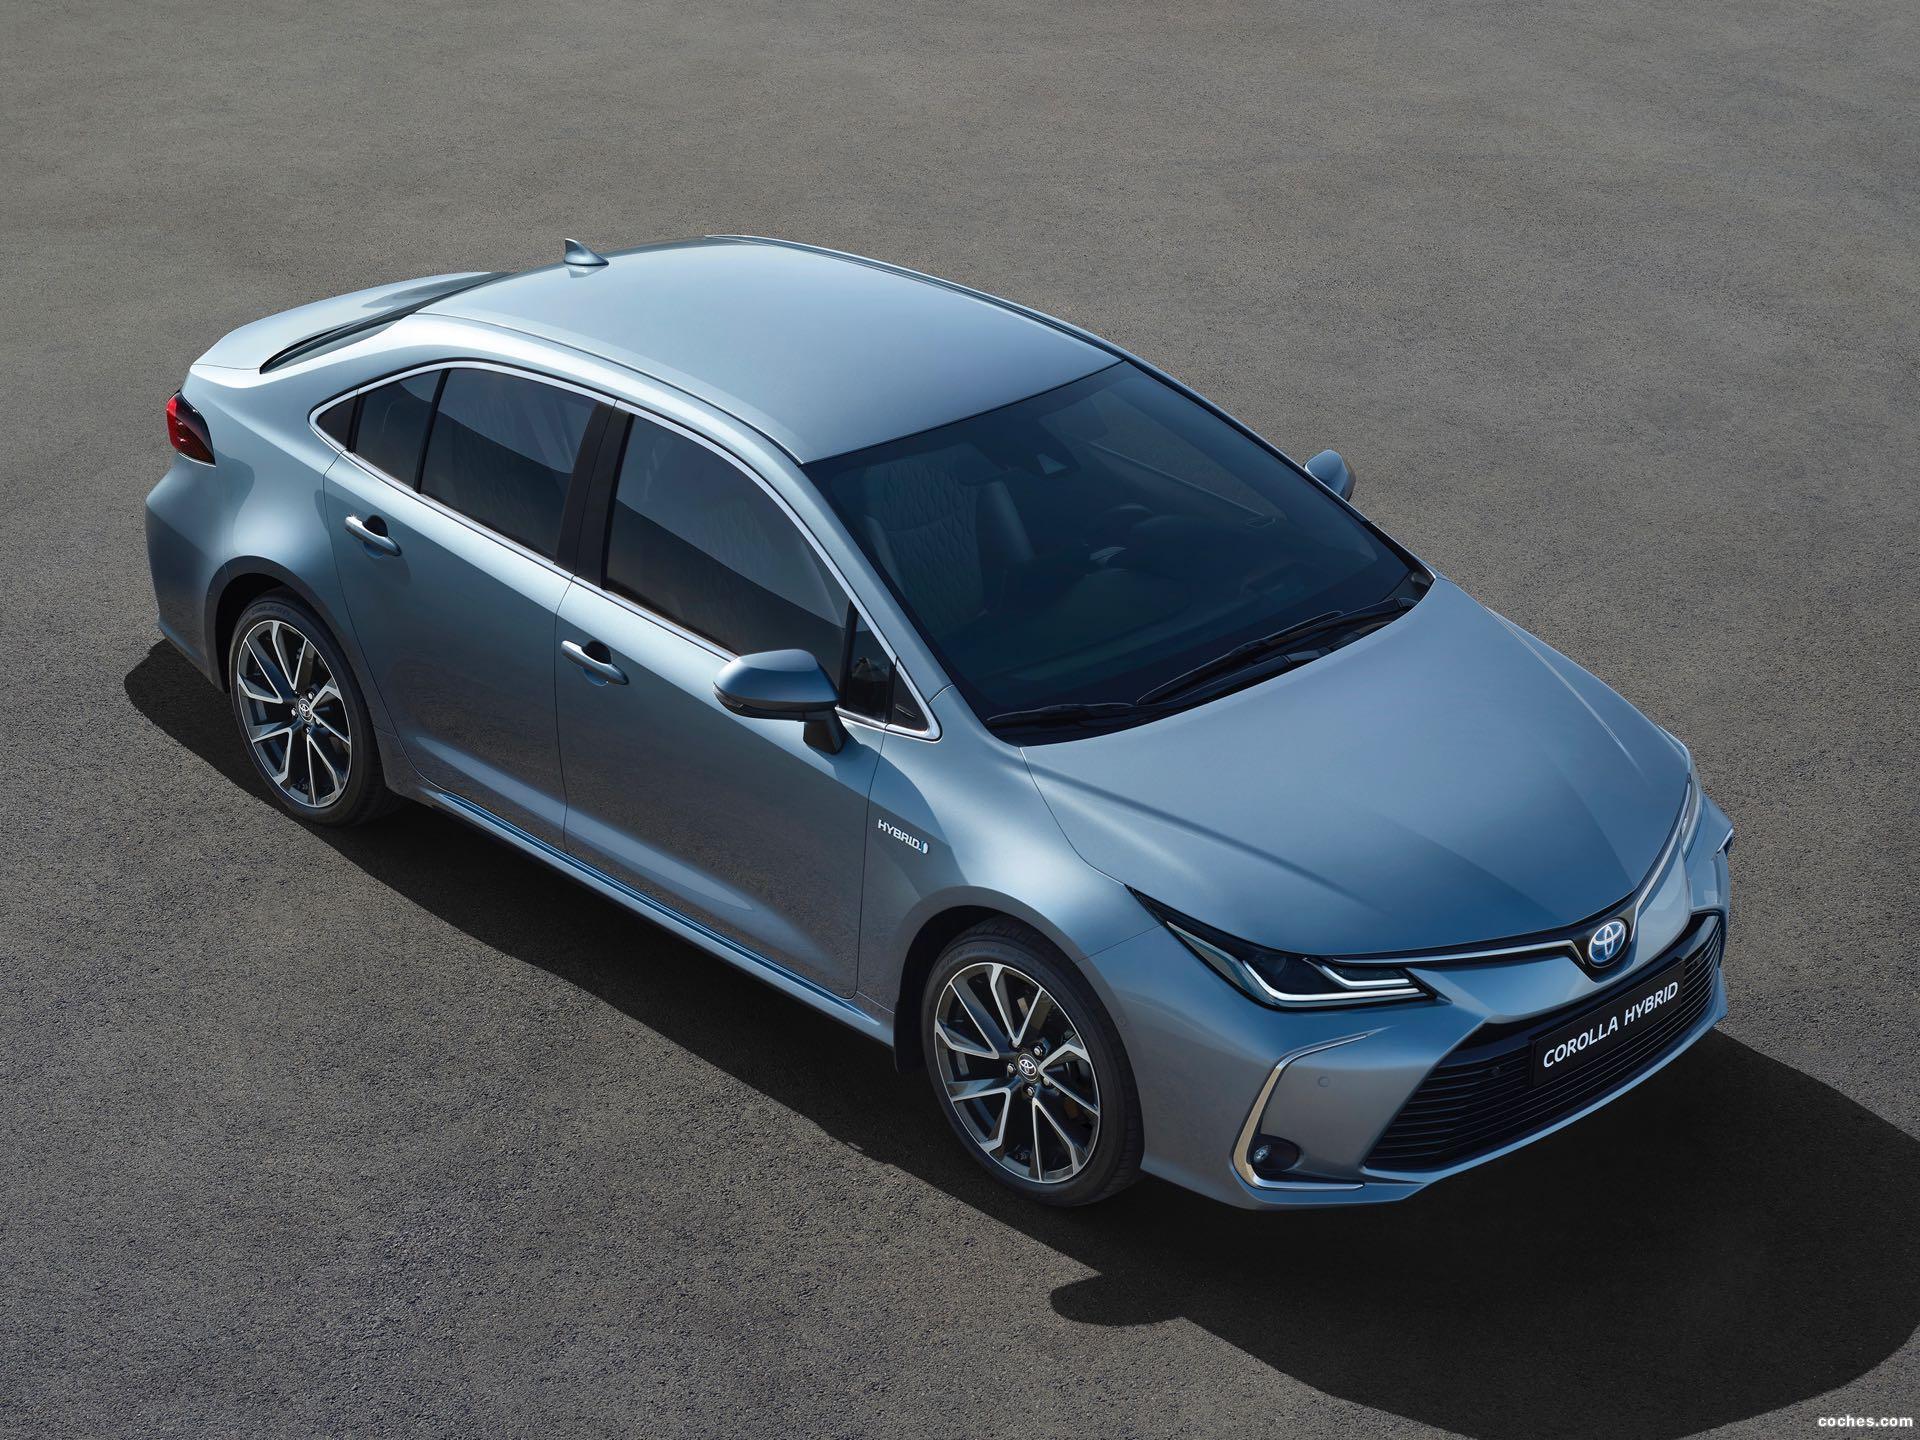 Foto 0 de Toyota Corolla Sedan Hybrid 2019